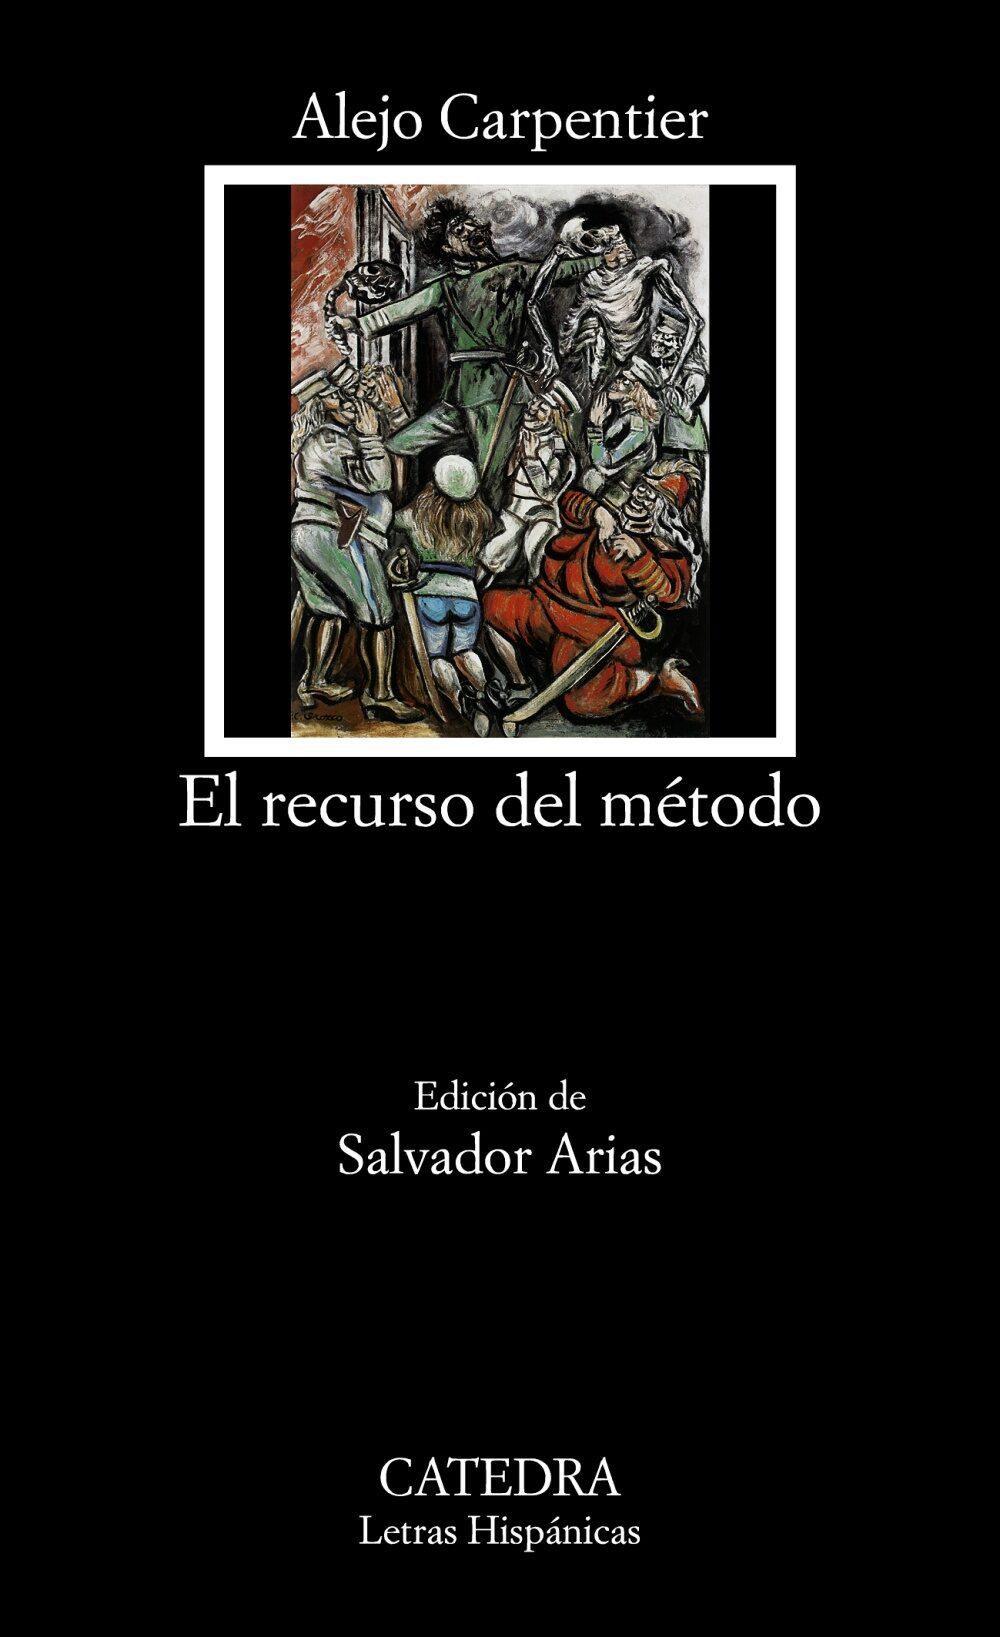 El Recurso Del Metodo por Alejo Carpentier;                                                                                    Salvador Arias Nieto